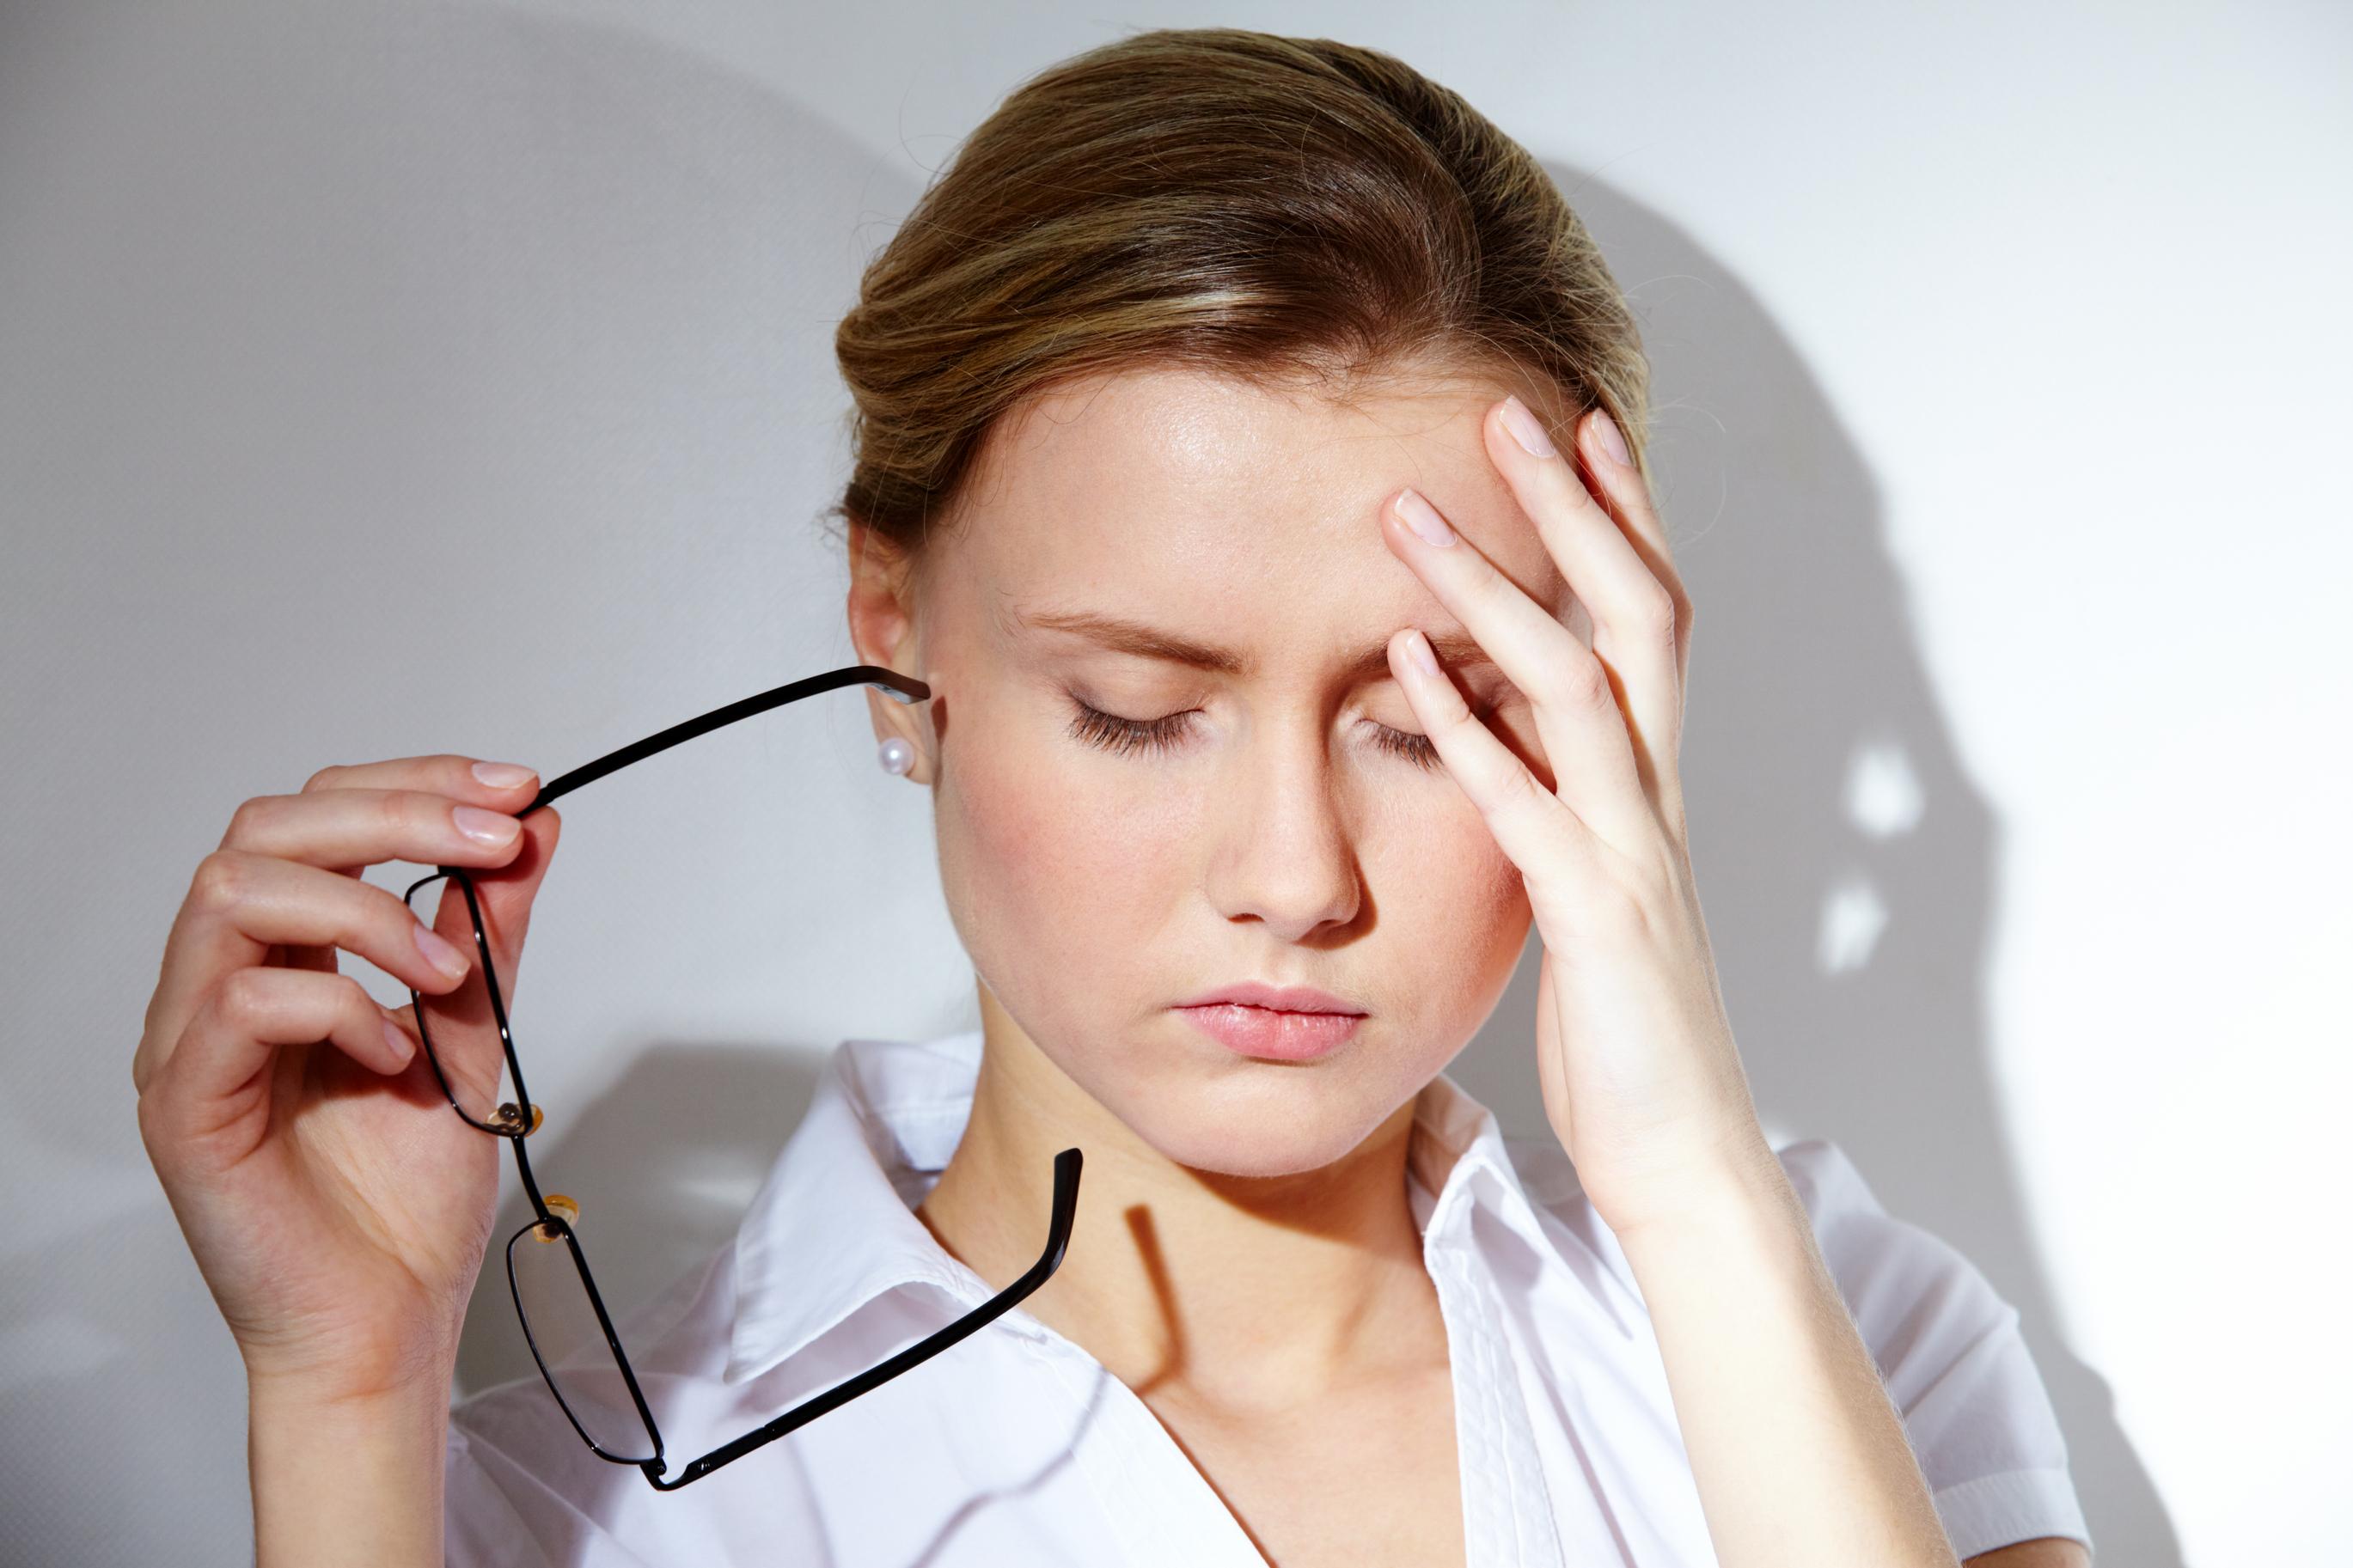 Căng thẳng cũng là một nguyên nhân dẫn tới đau dạ dày.